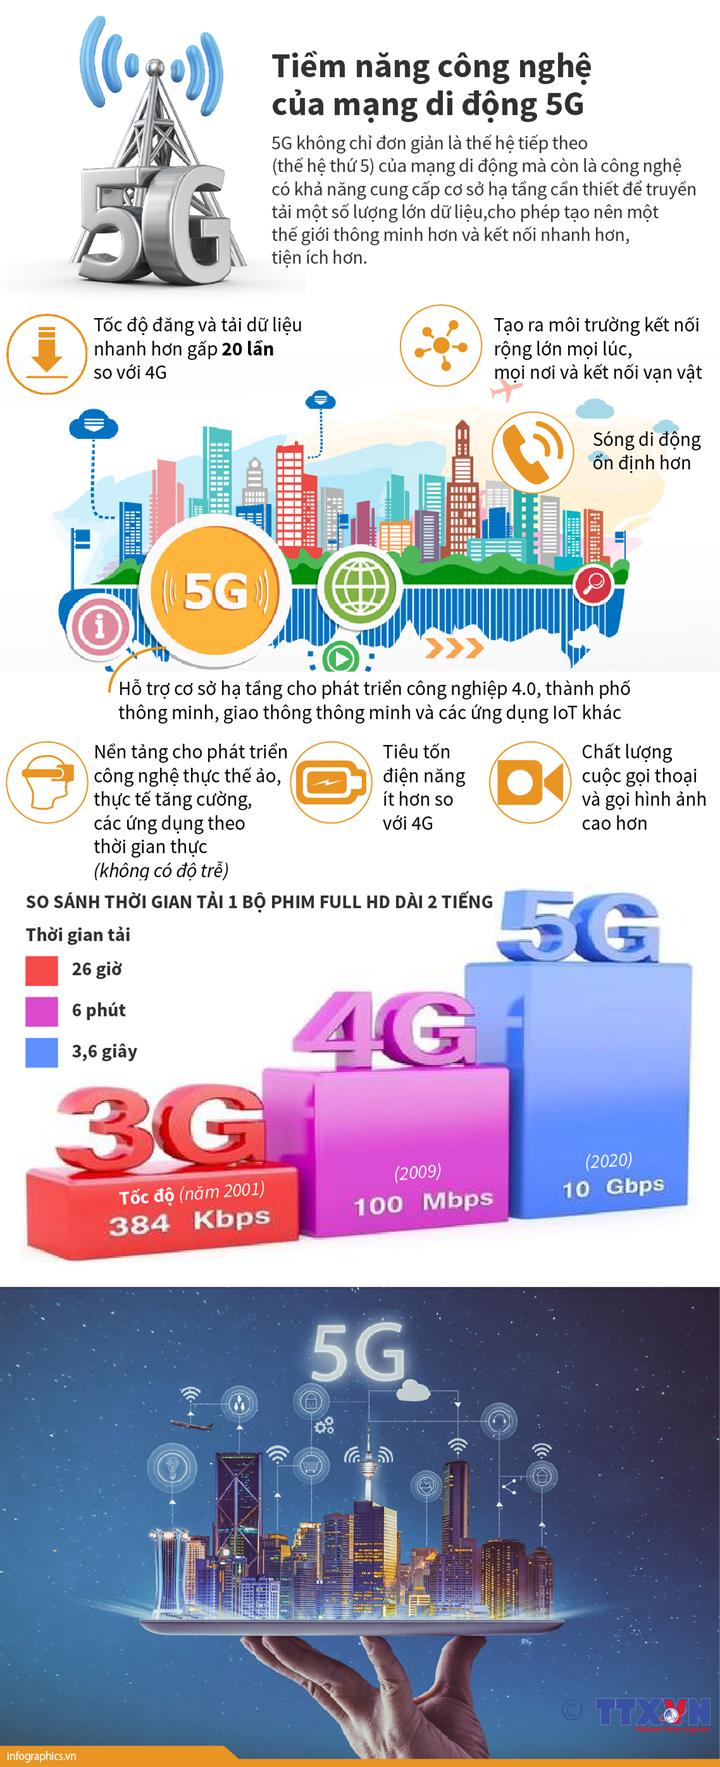 Tiềm năng công nghệ của mạng di động 5G